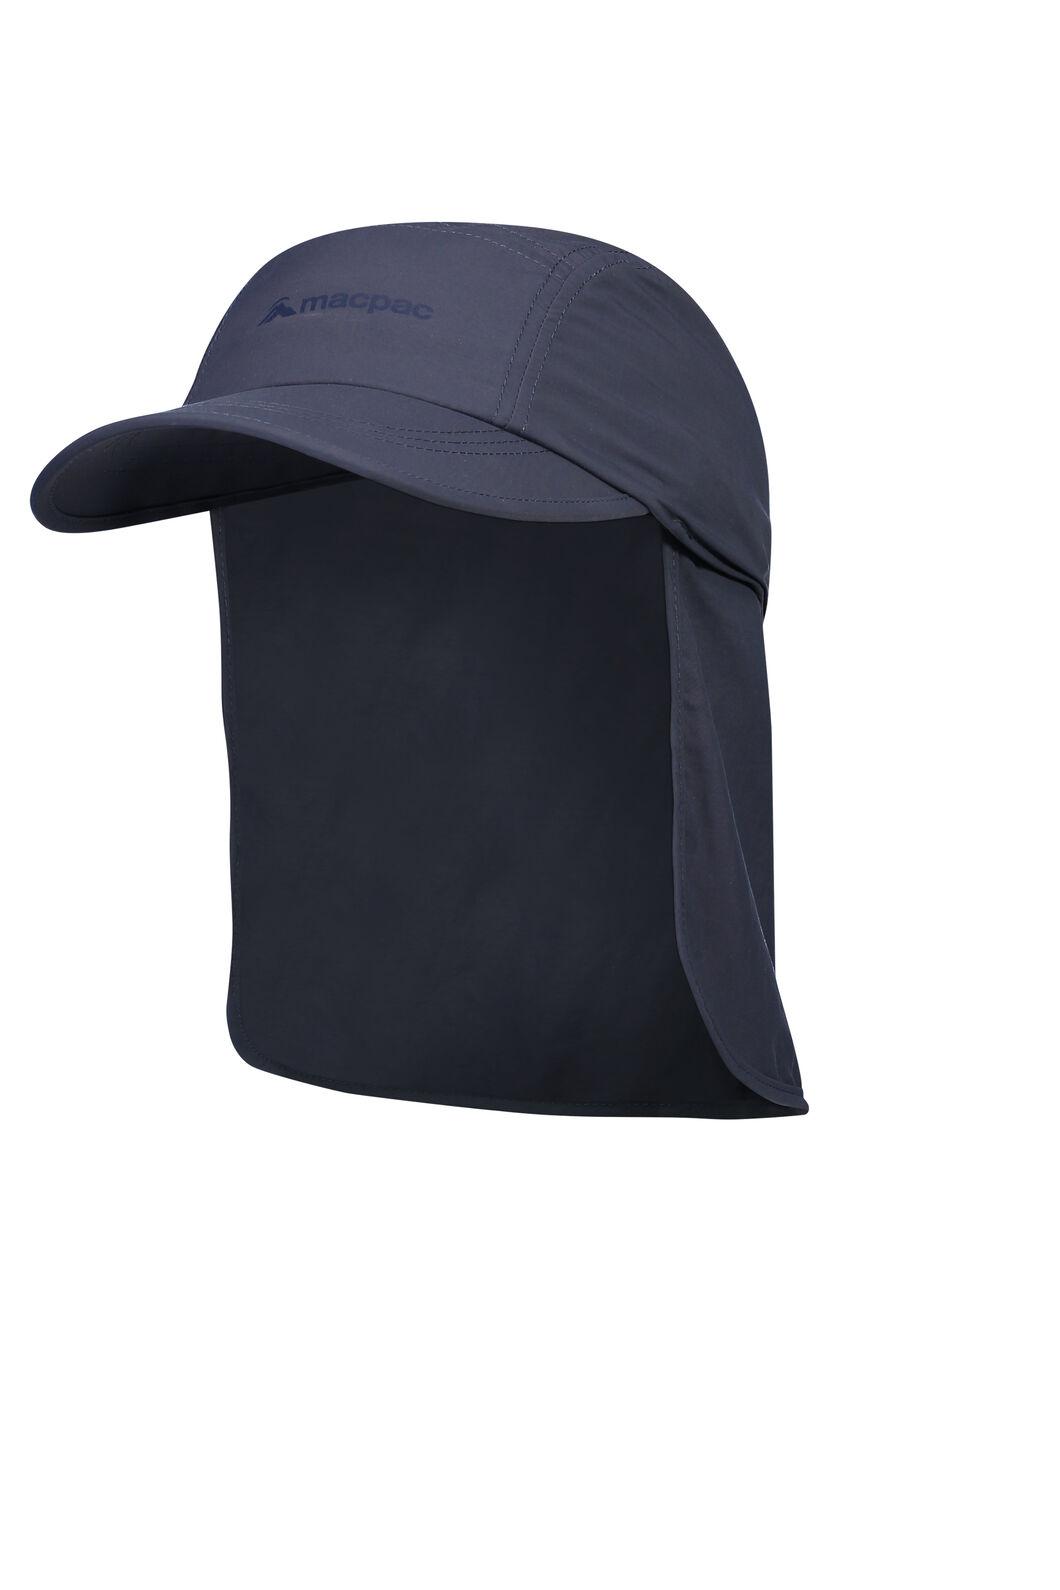 Macpac Legionnaire Hat, Navy, hi-res